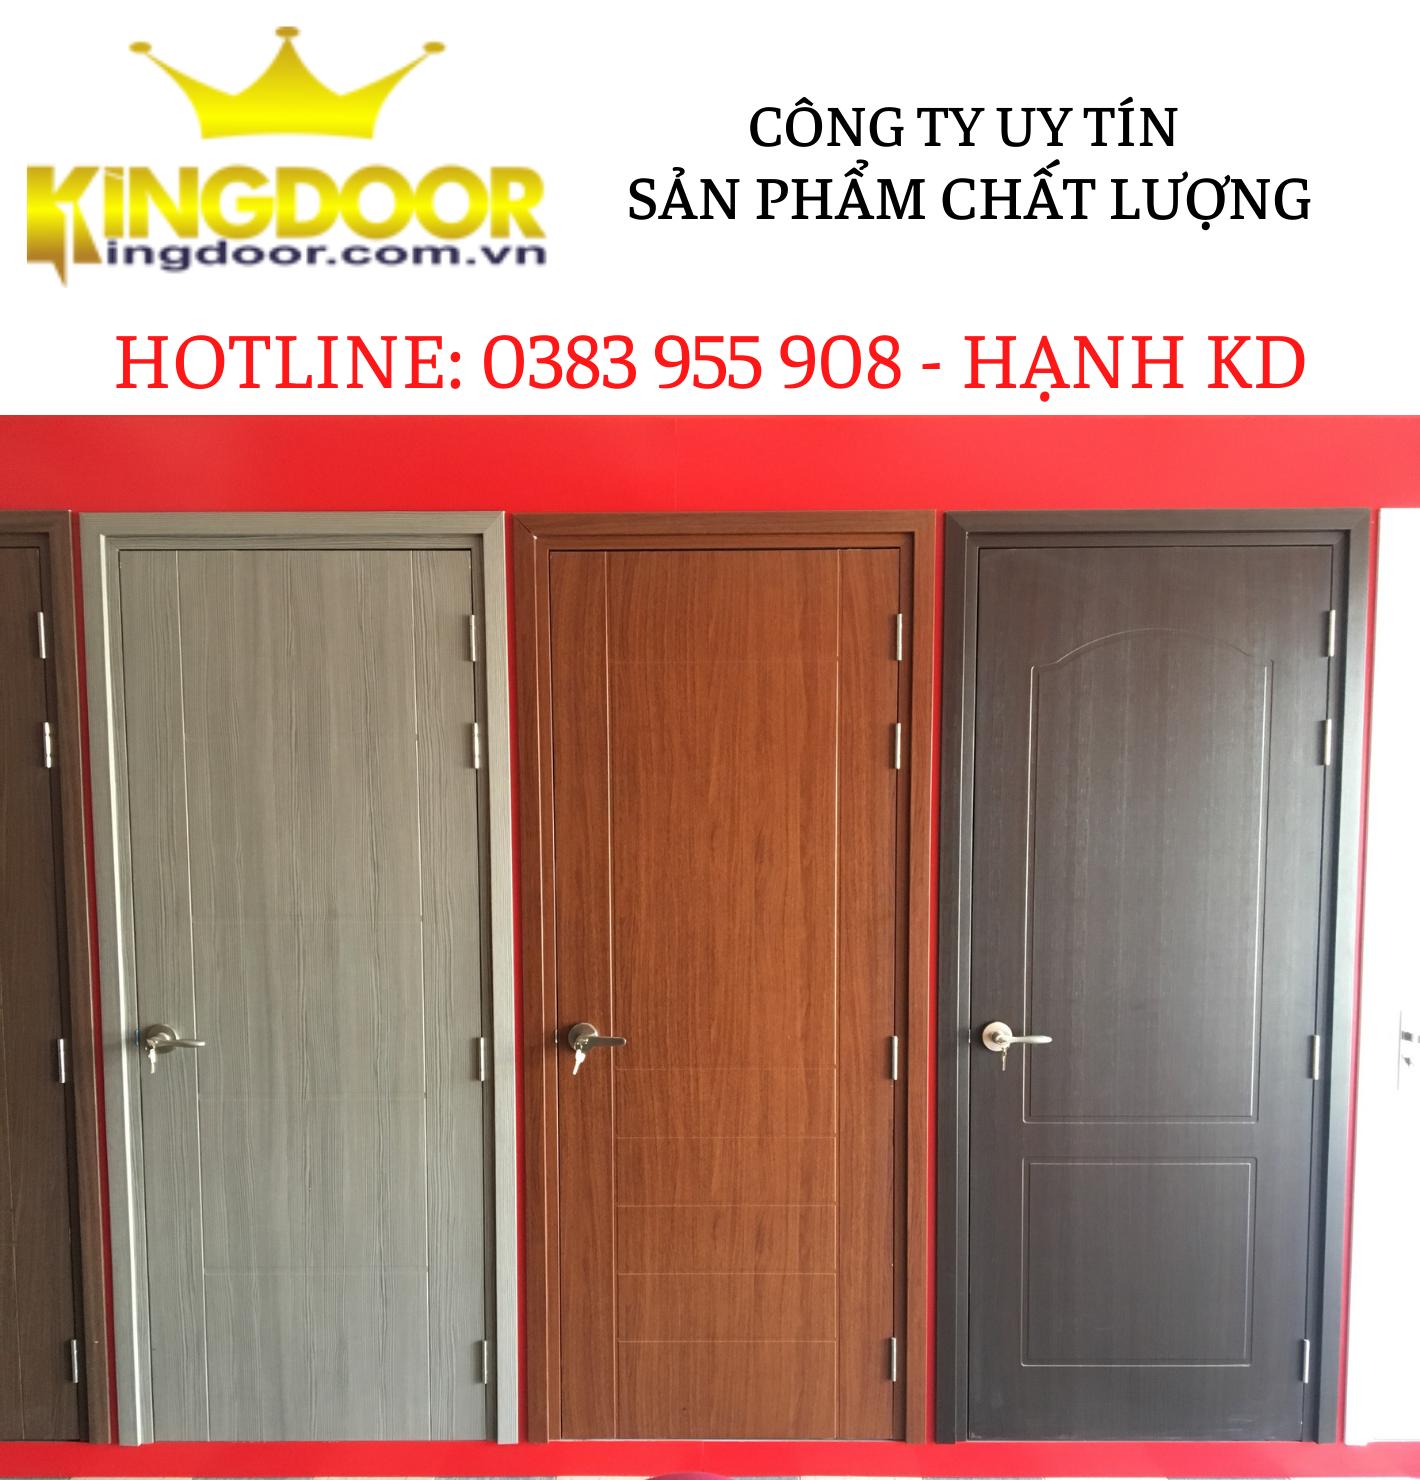 KINGDOOR - Đơn vị cung cấp và thi công cửa Composite tại Cam Ranh - Nha Trang - Ninh Hòa